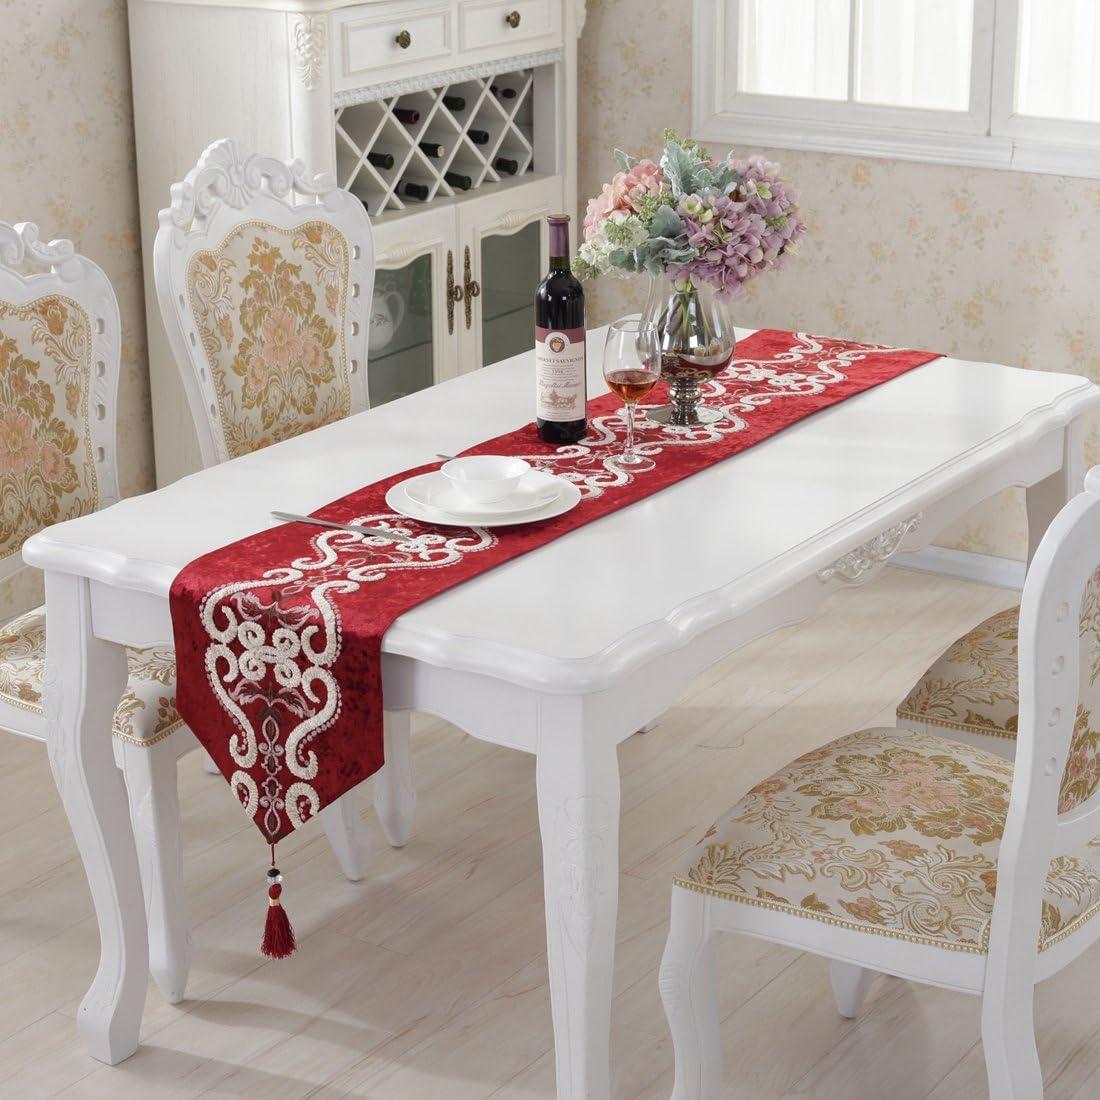 Rouge luxe velours broderie gland d/écoration chemin de table 33cm x 180cm 12.5*70